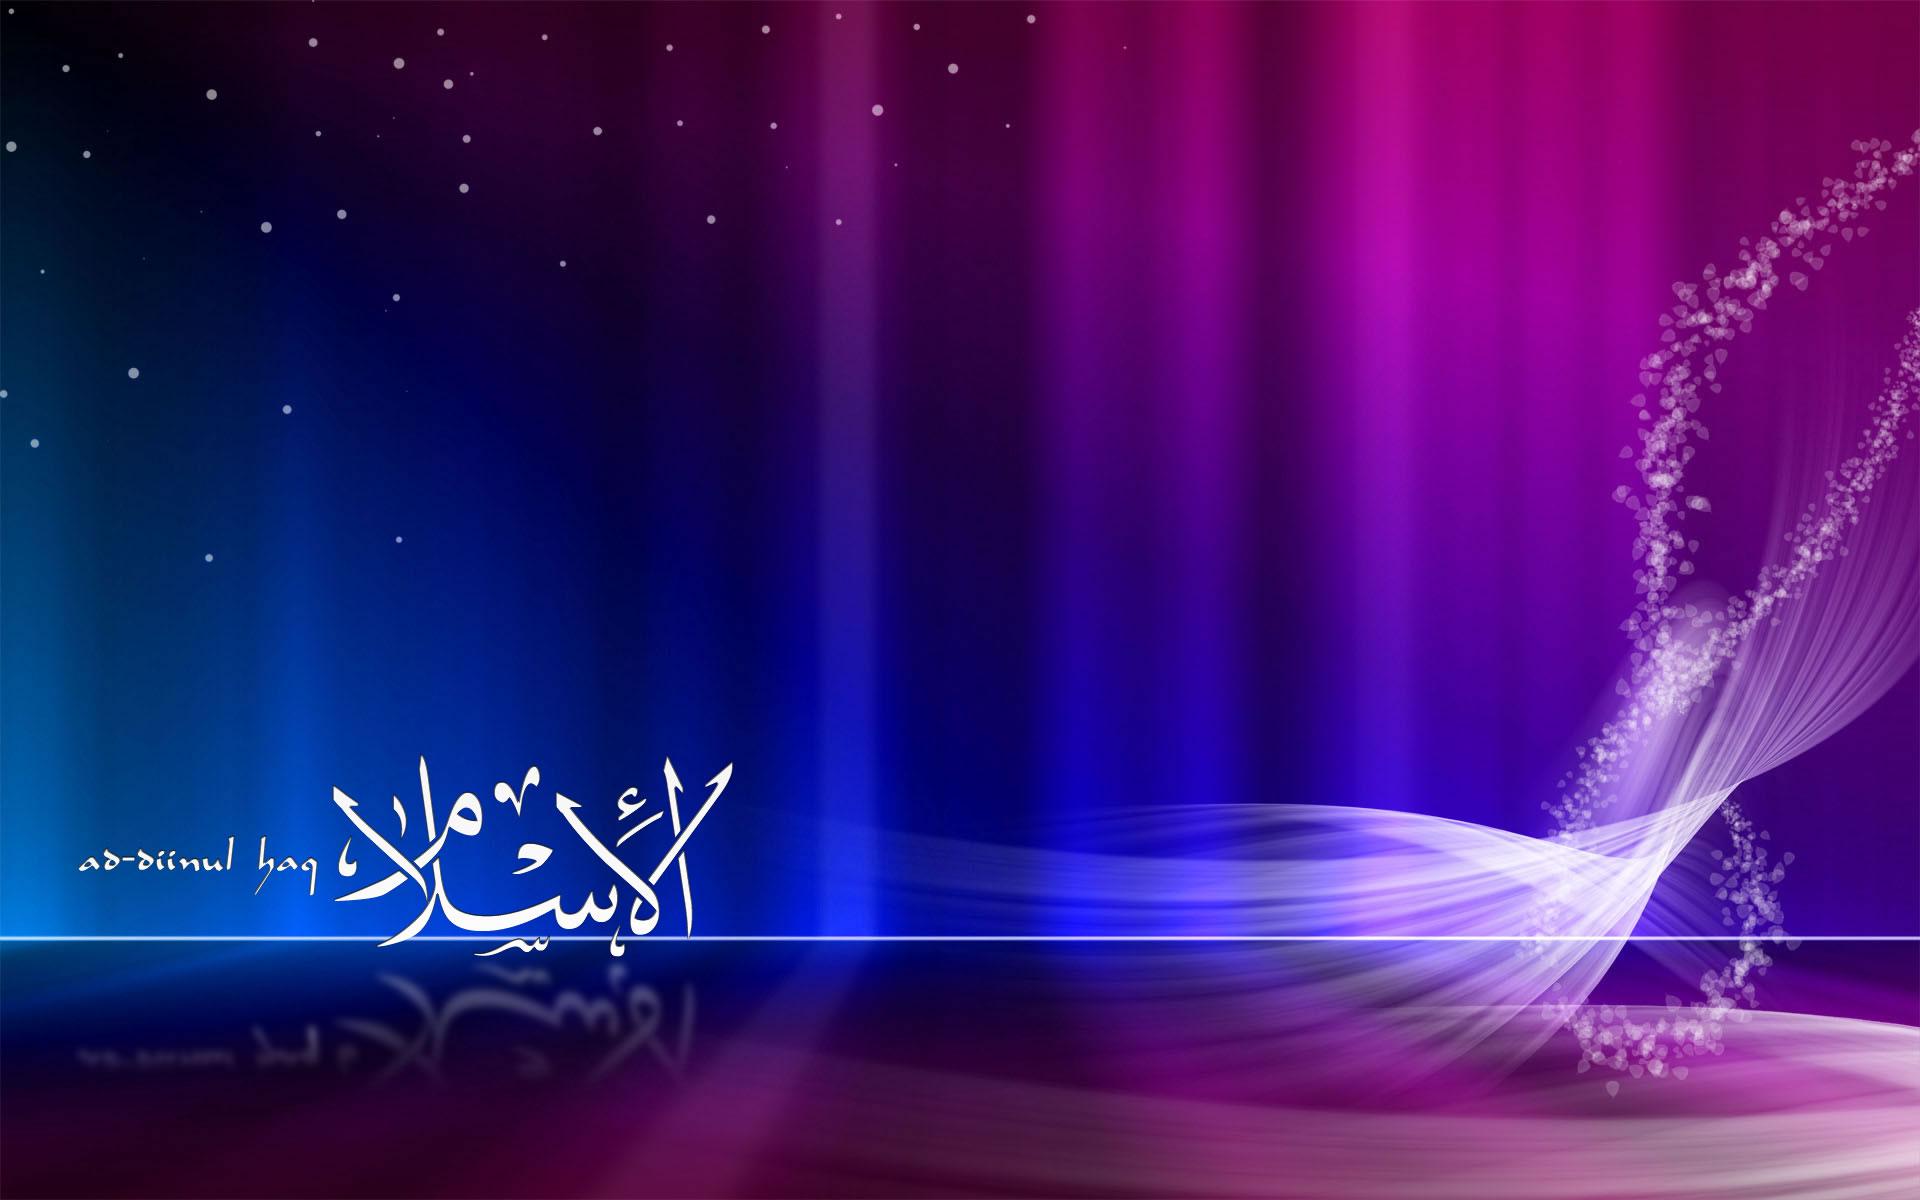 Islamic Wallpaper HD 1920x1200